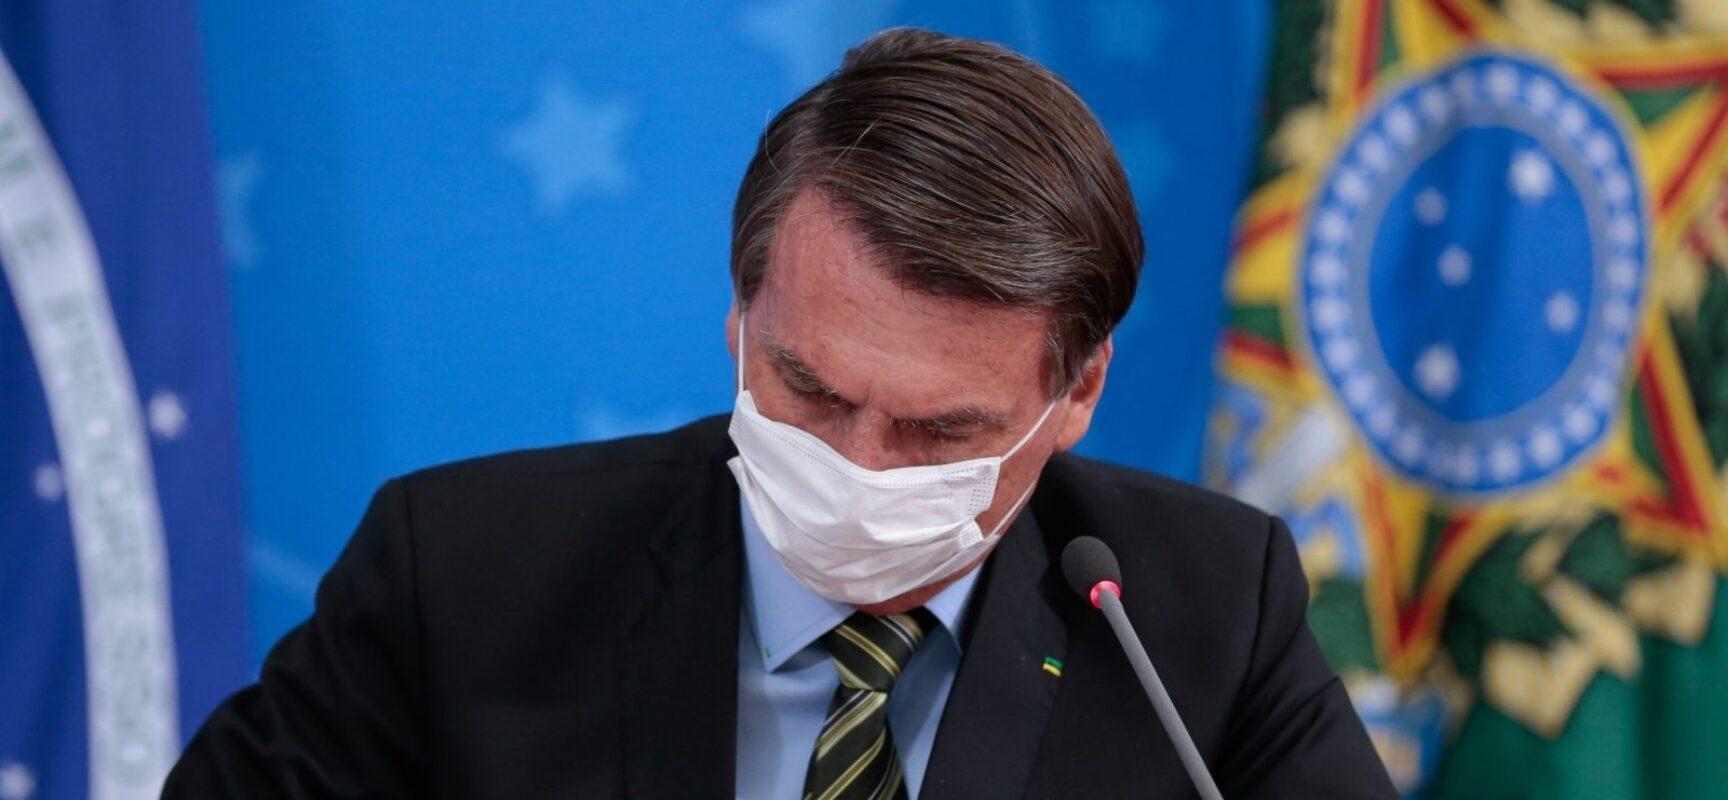 PGR quer ouvir Bolsonaro no inquérito de prevaricação em caso da vacina Covaxin